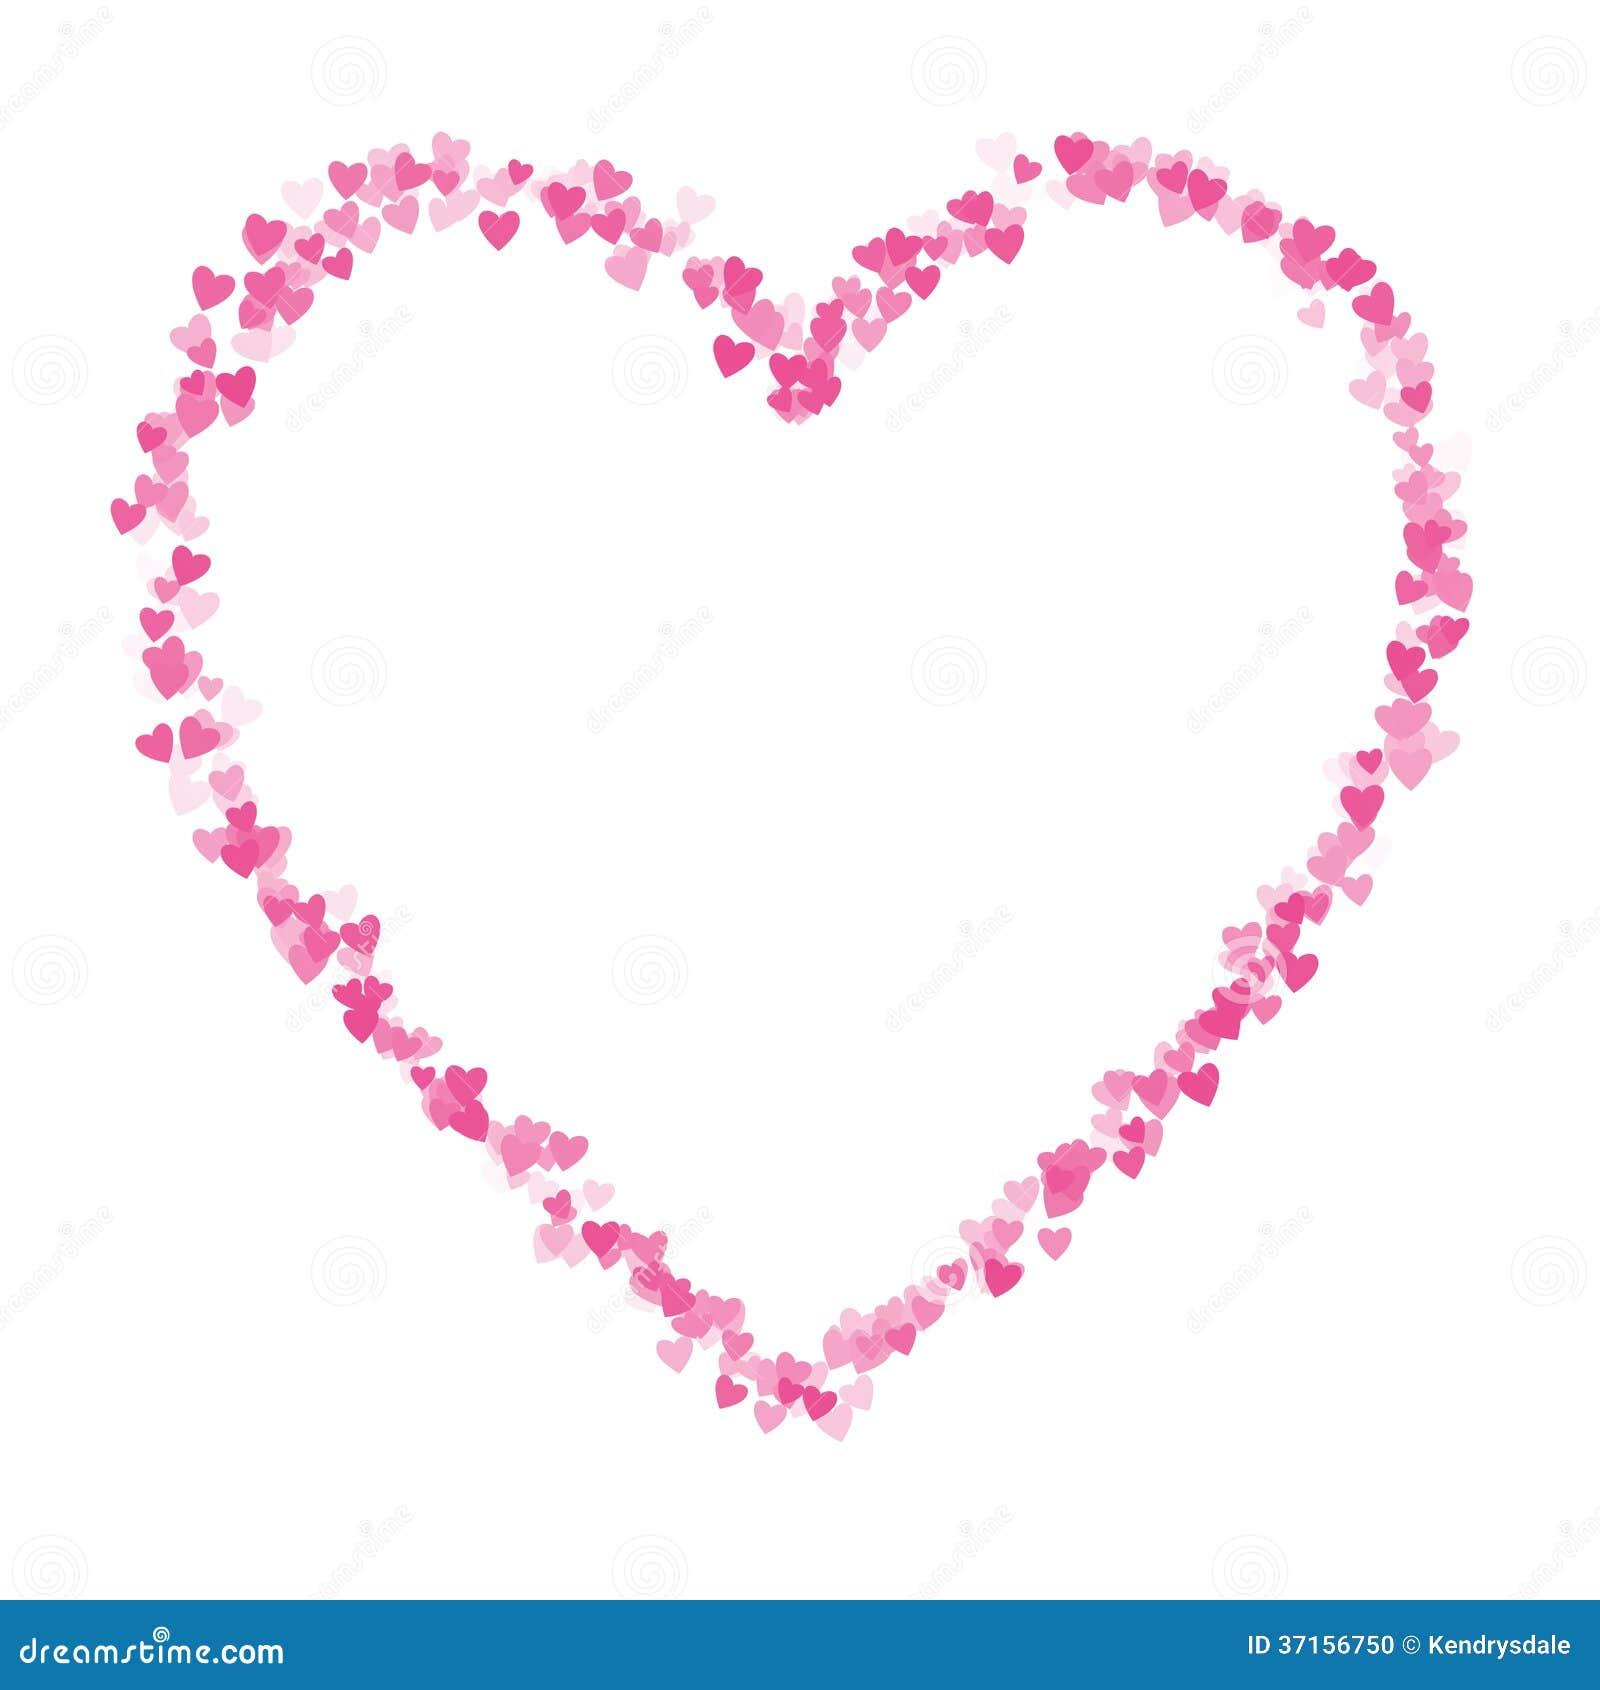 Image Result For St Valentine